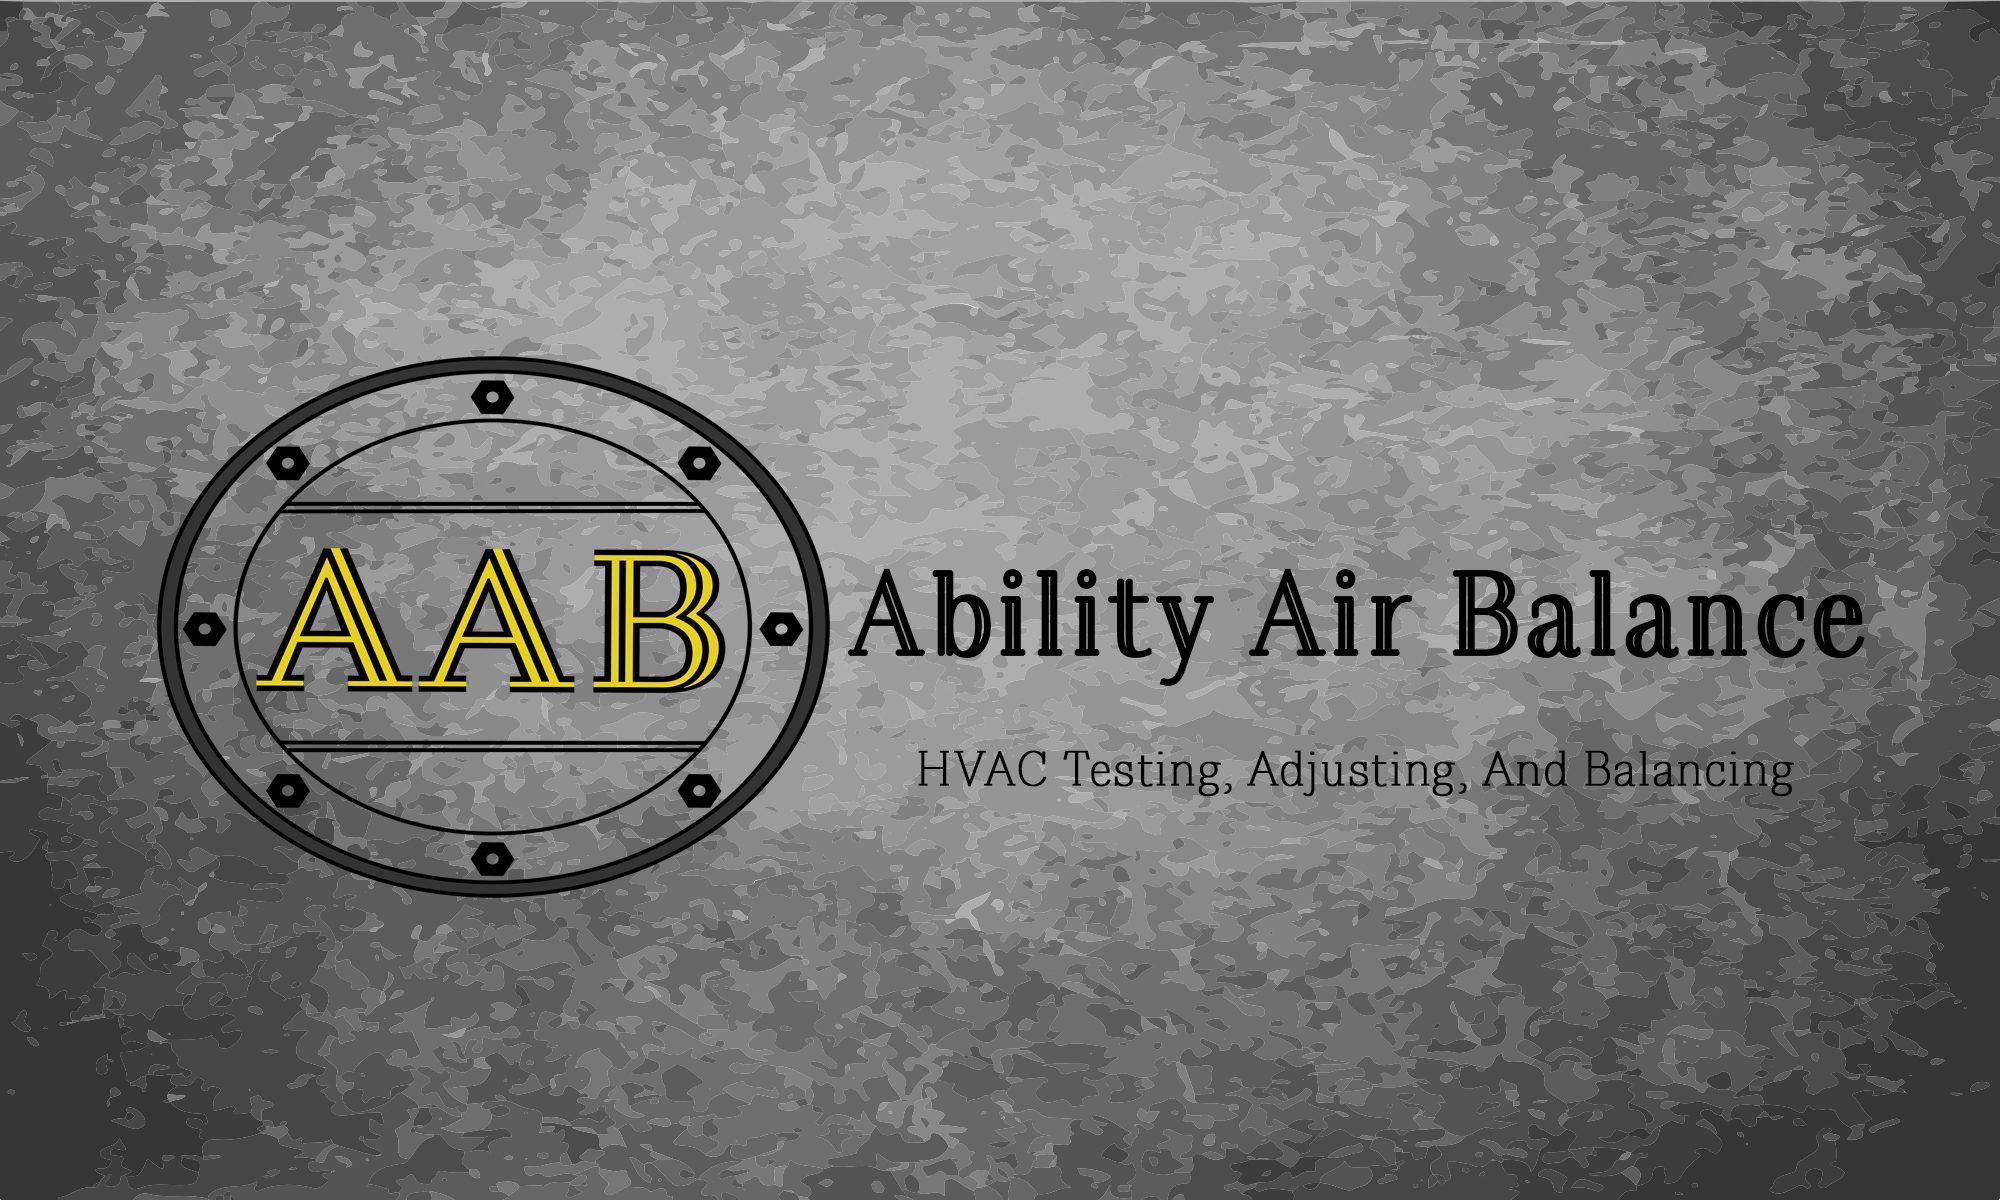 Ability Air Balance